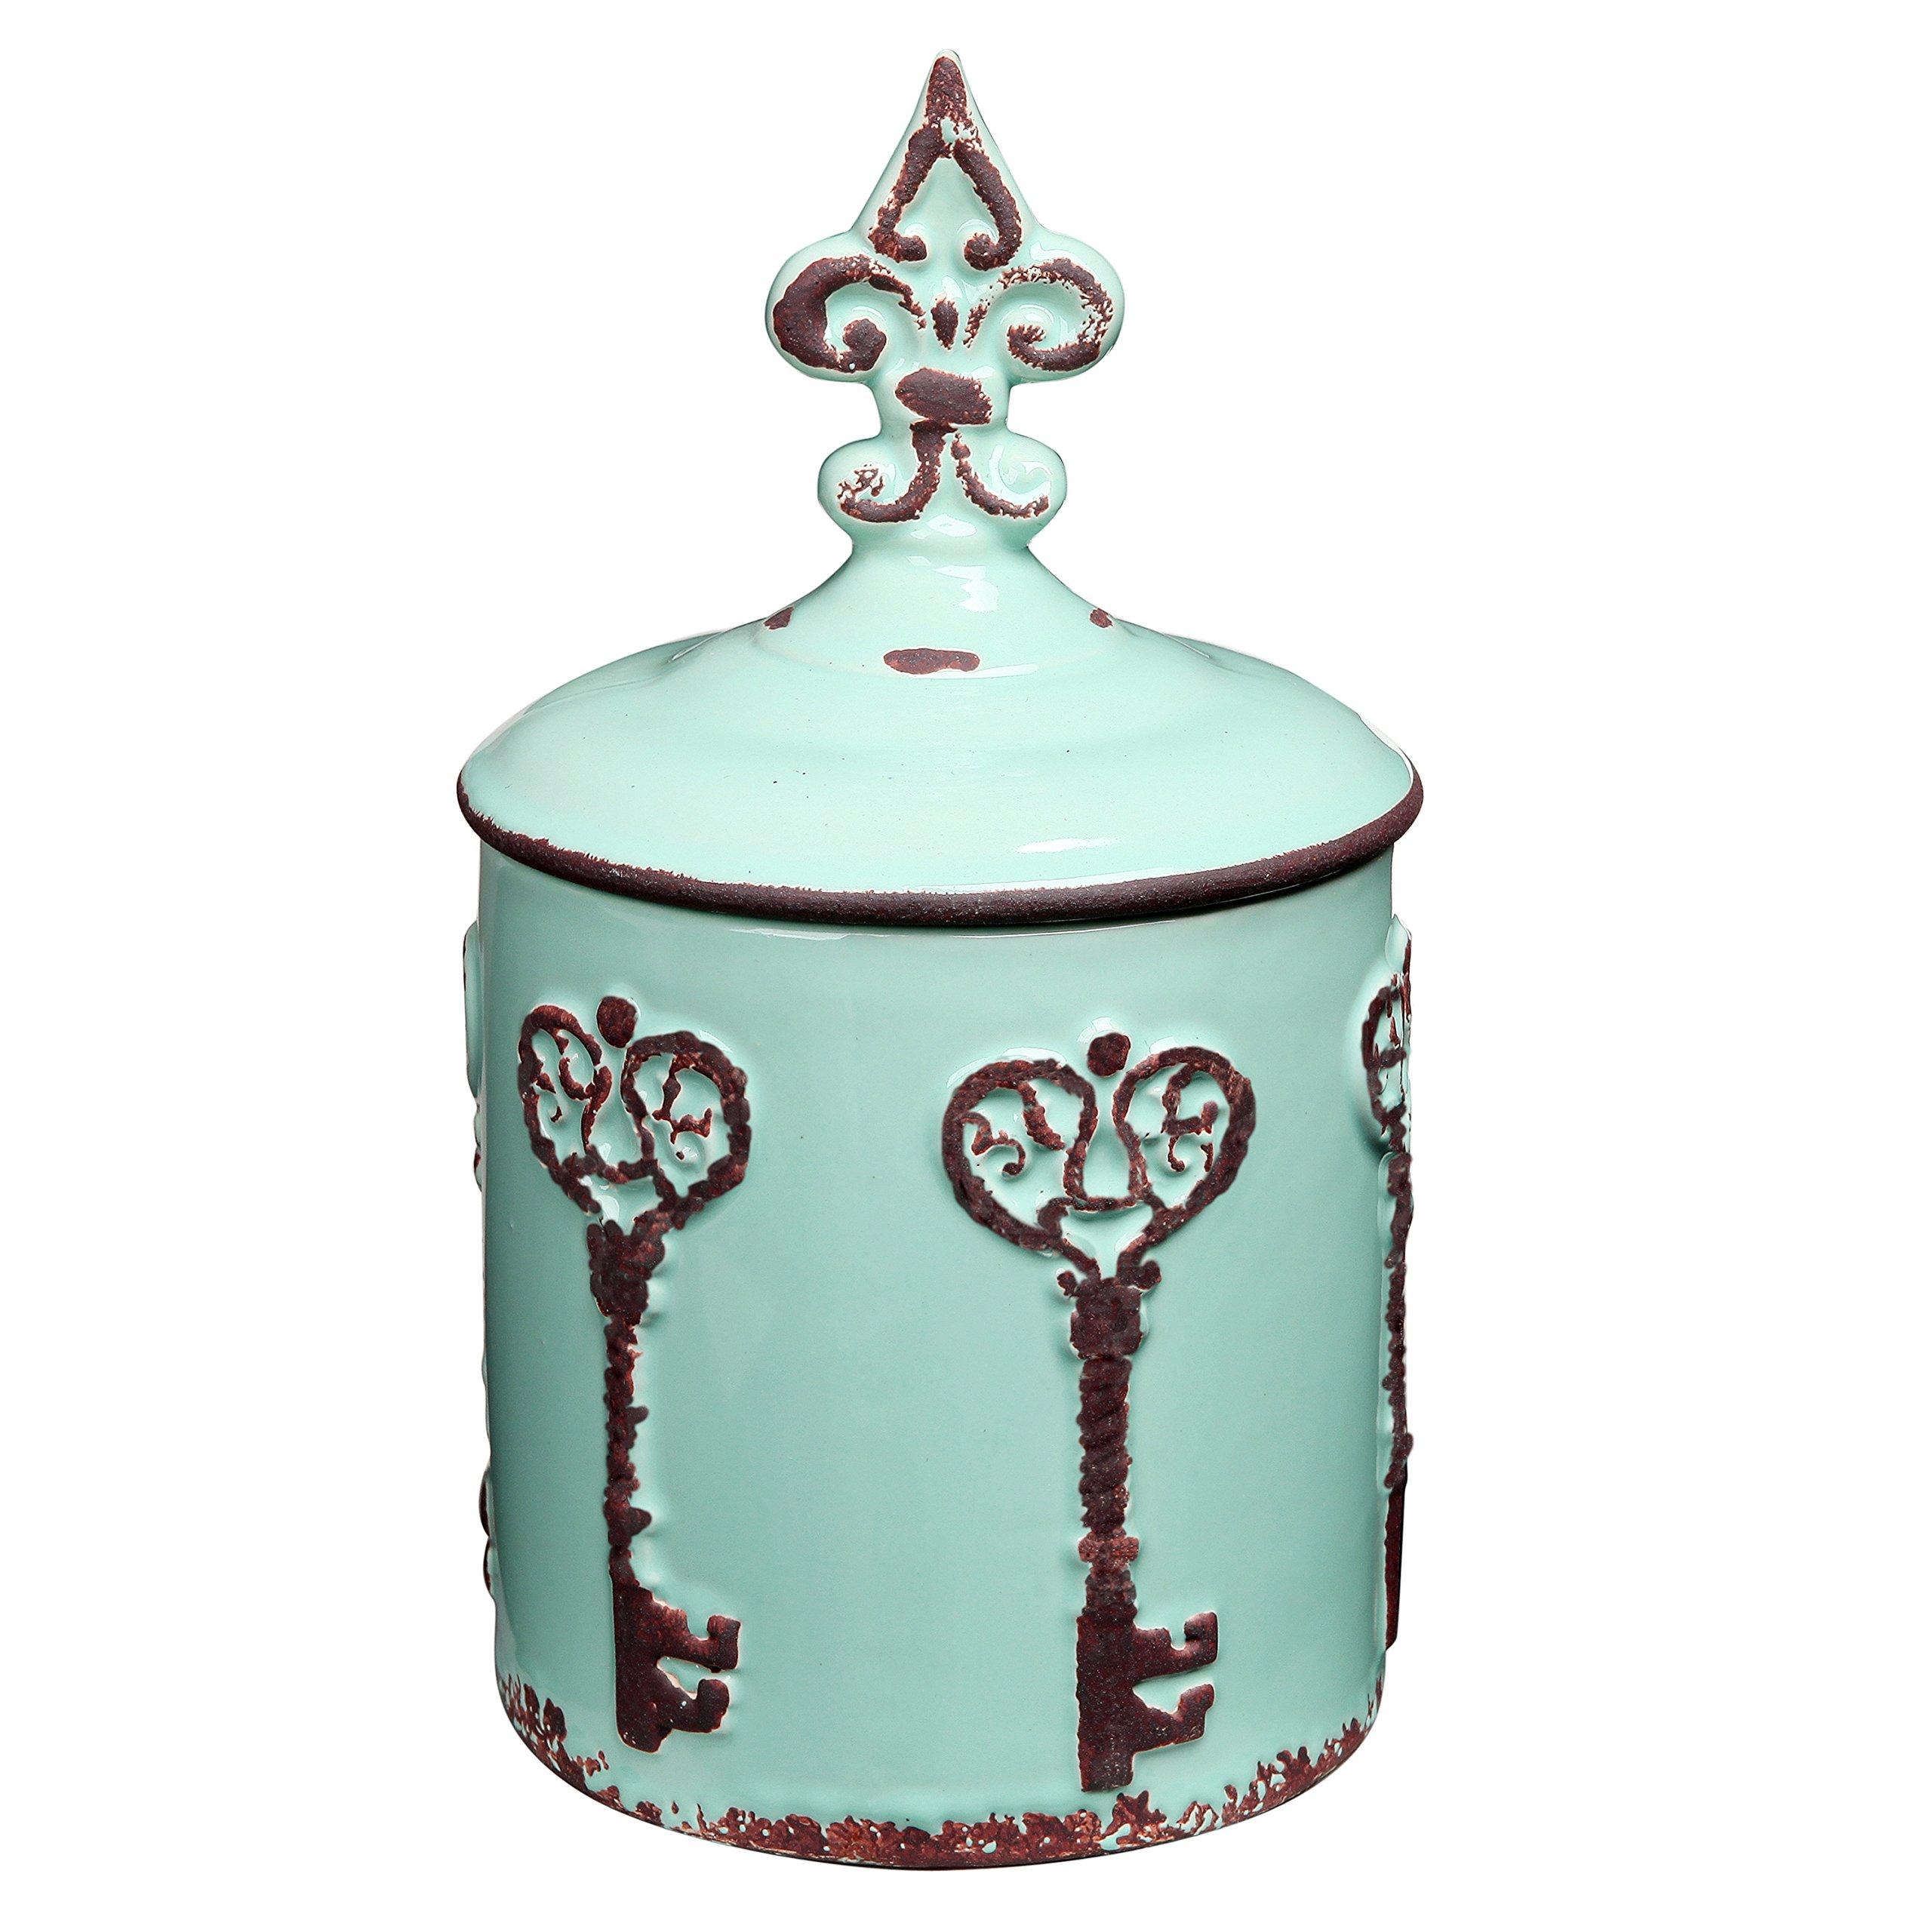 MyGift Vintage Style Key & Fleur de Lis Design Cyan Blue Ceramic Storage Canister/Lidded Cookie Jar